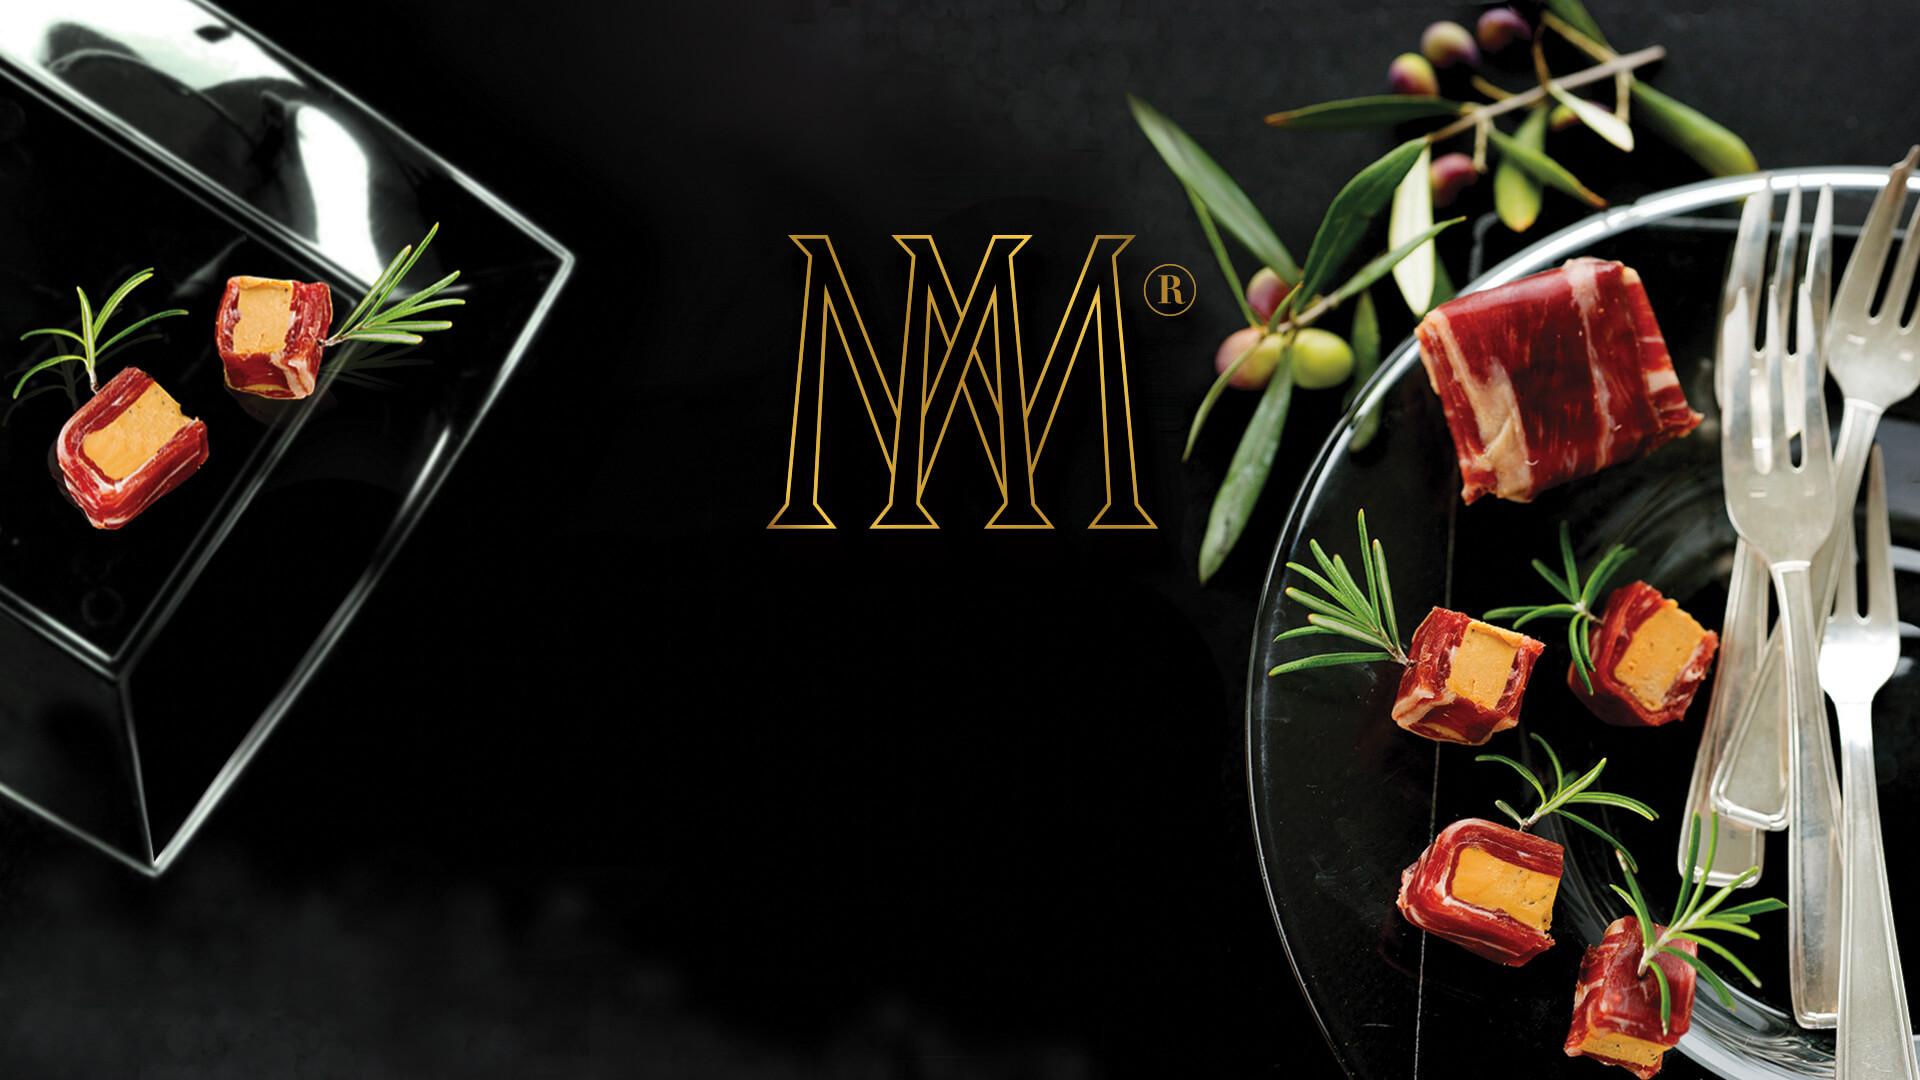 Maison Maréchal revisite le foie gras, et vous emmène dans son ascenseur émotionnel gustatif !